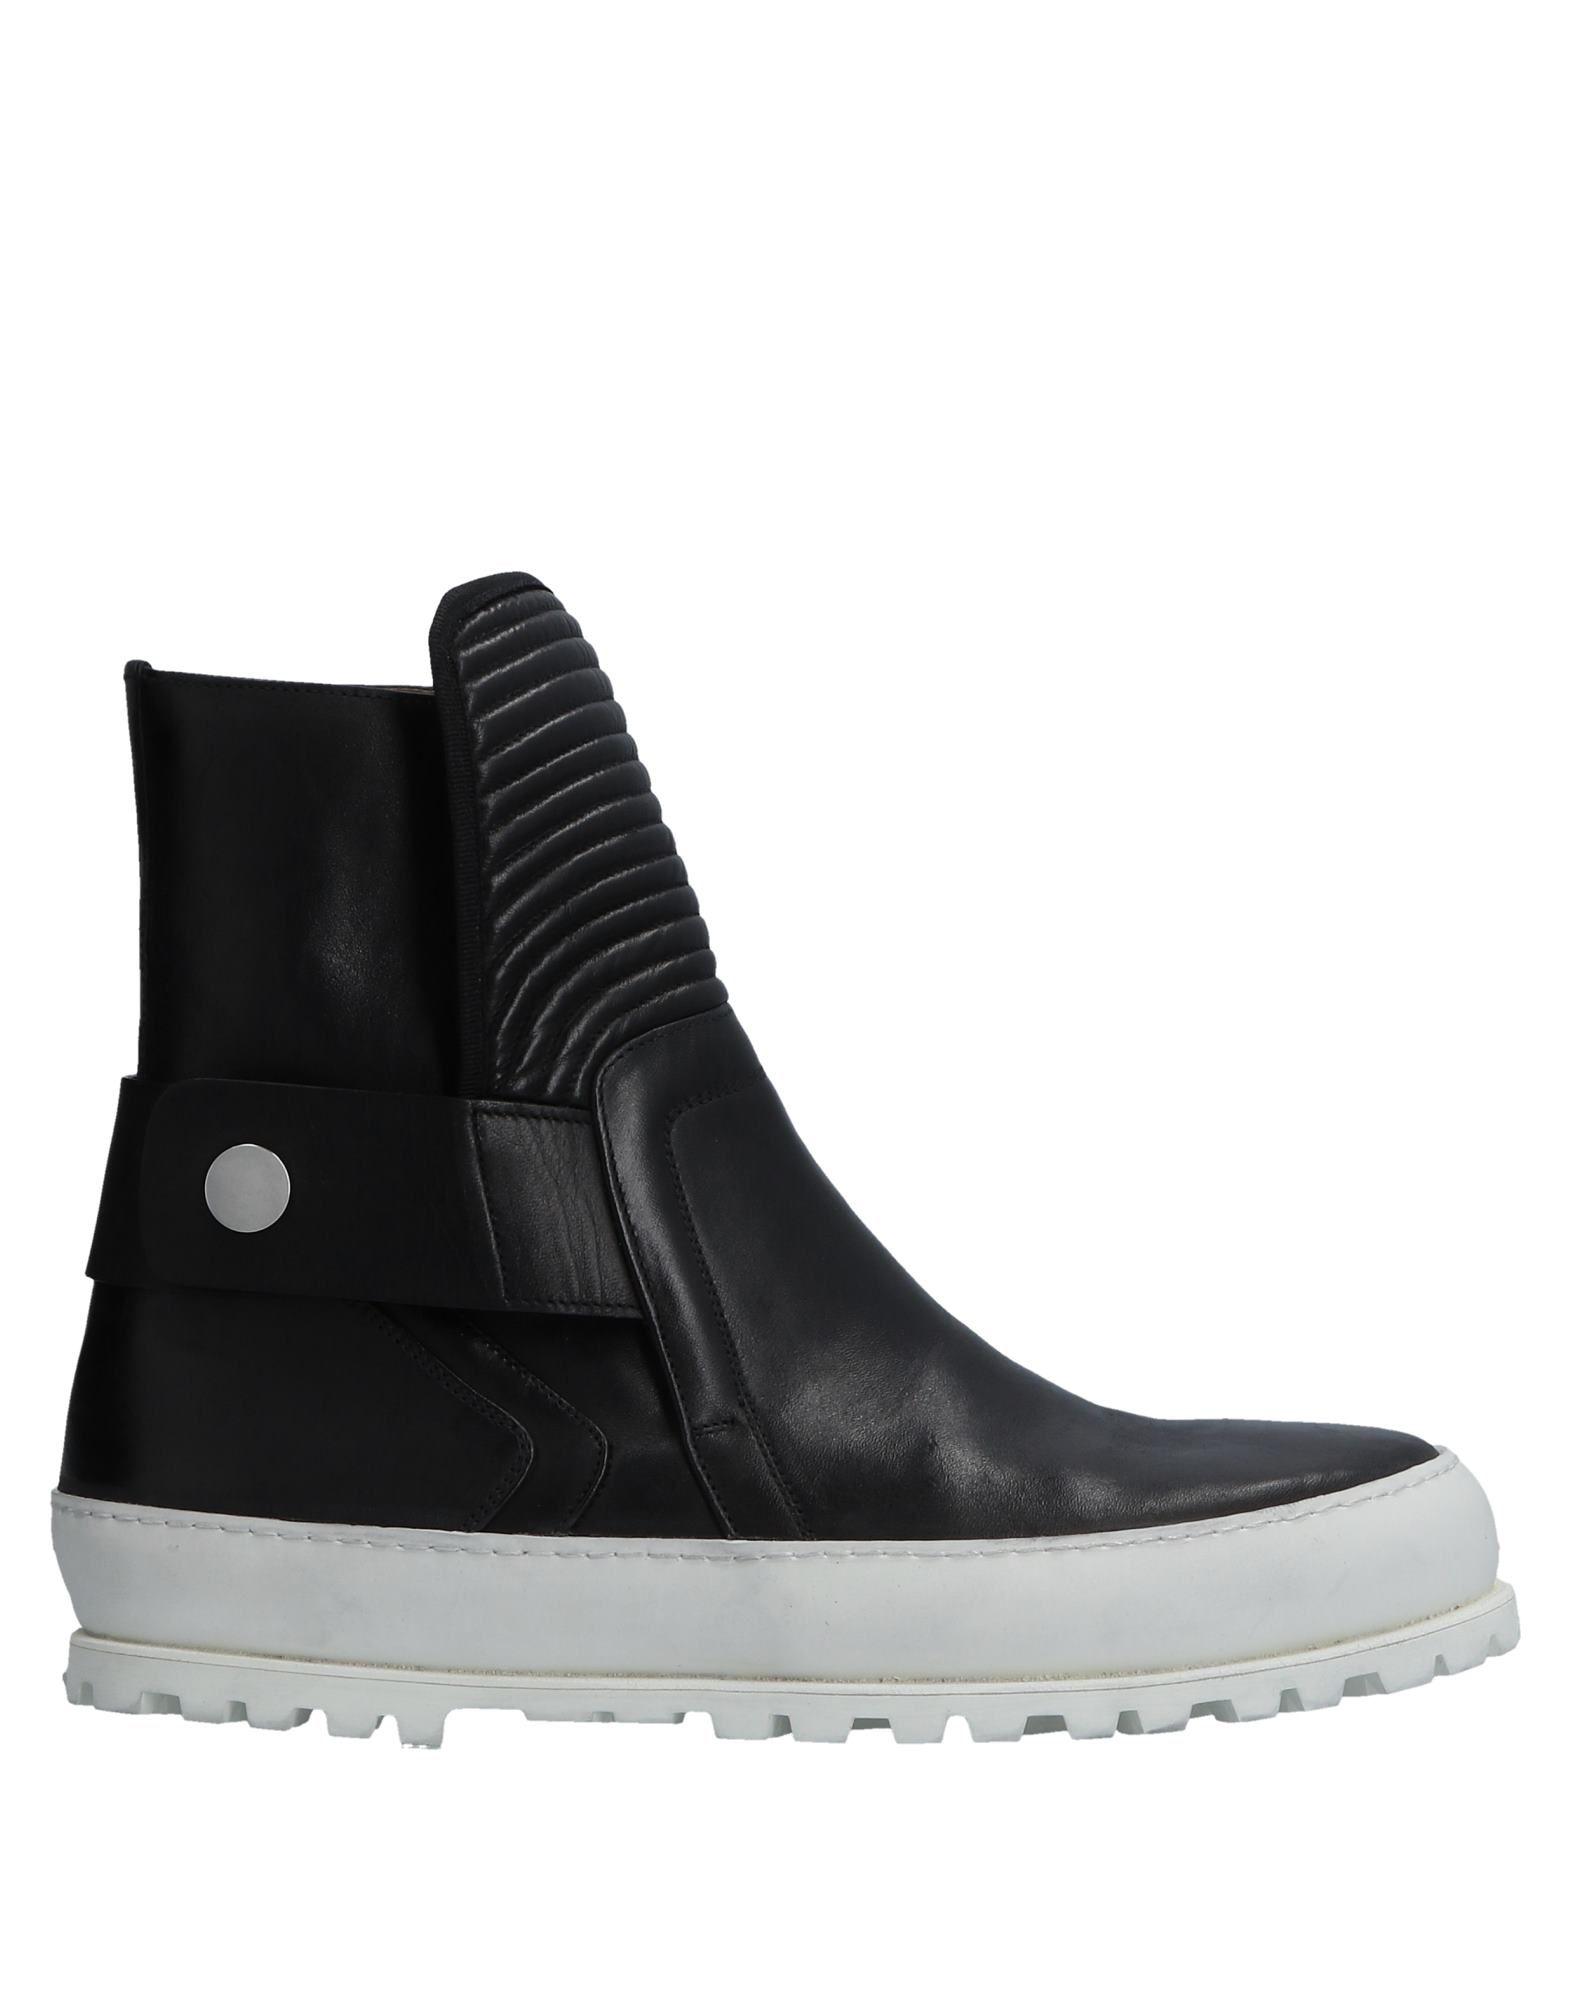 Premiata Stiefelette Herren  11528979PR Gute Qualität beliebte Schuhe